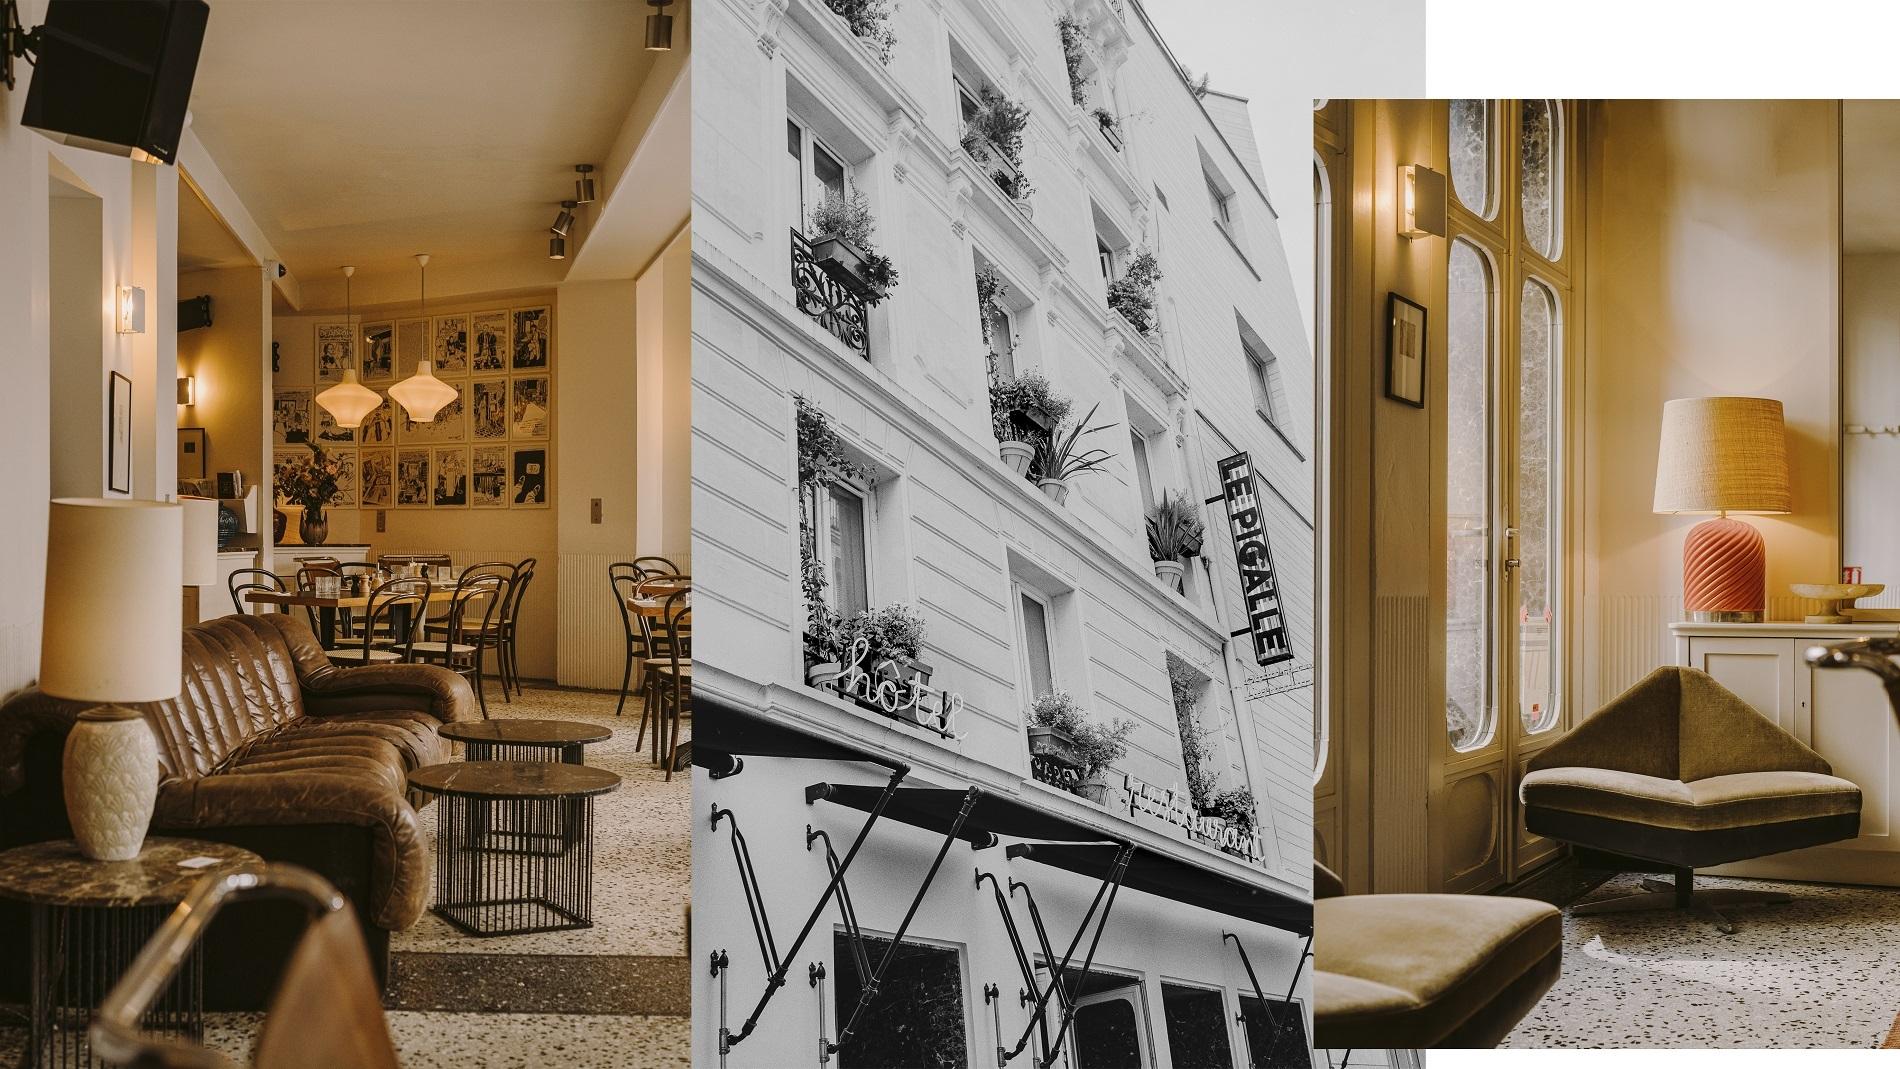 009-Hotel-Le-Pigalle-Paris-_-fot.-PION-Studio_designalive